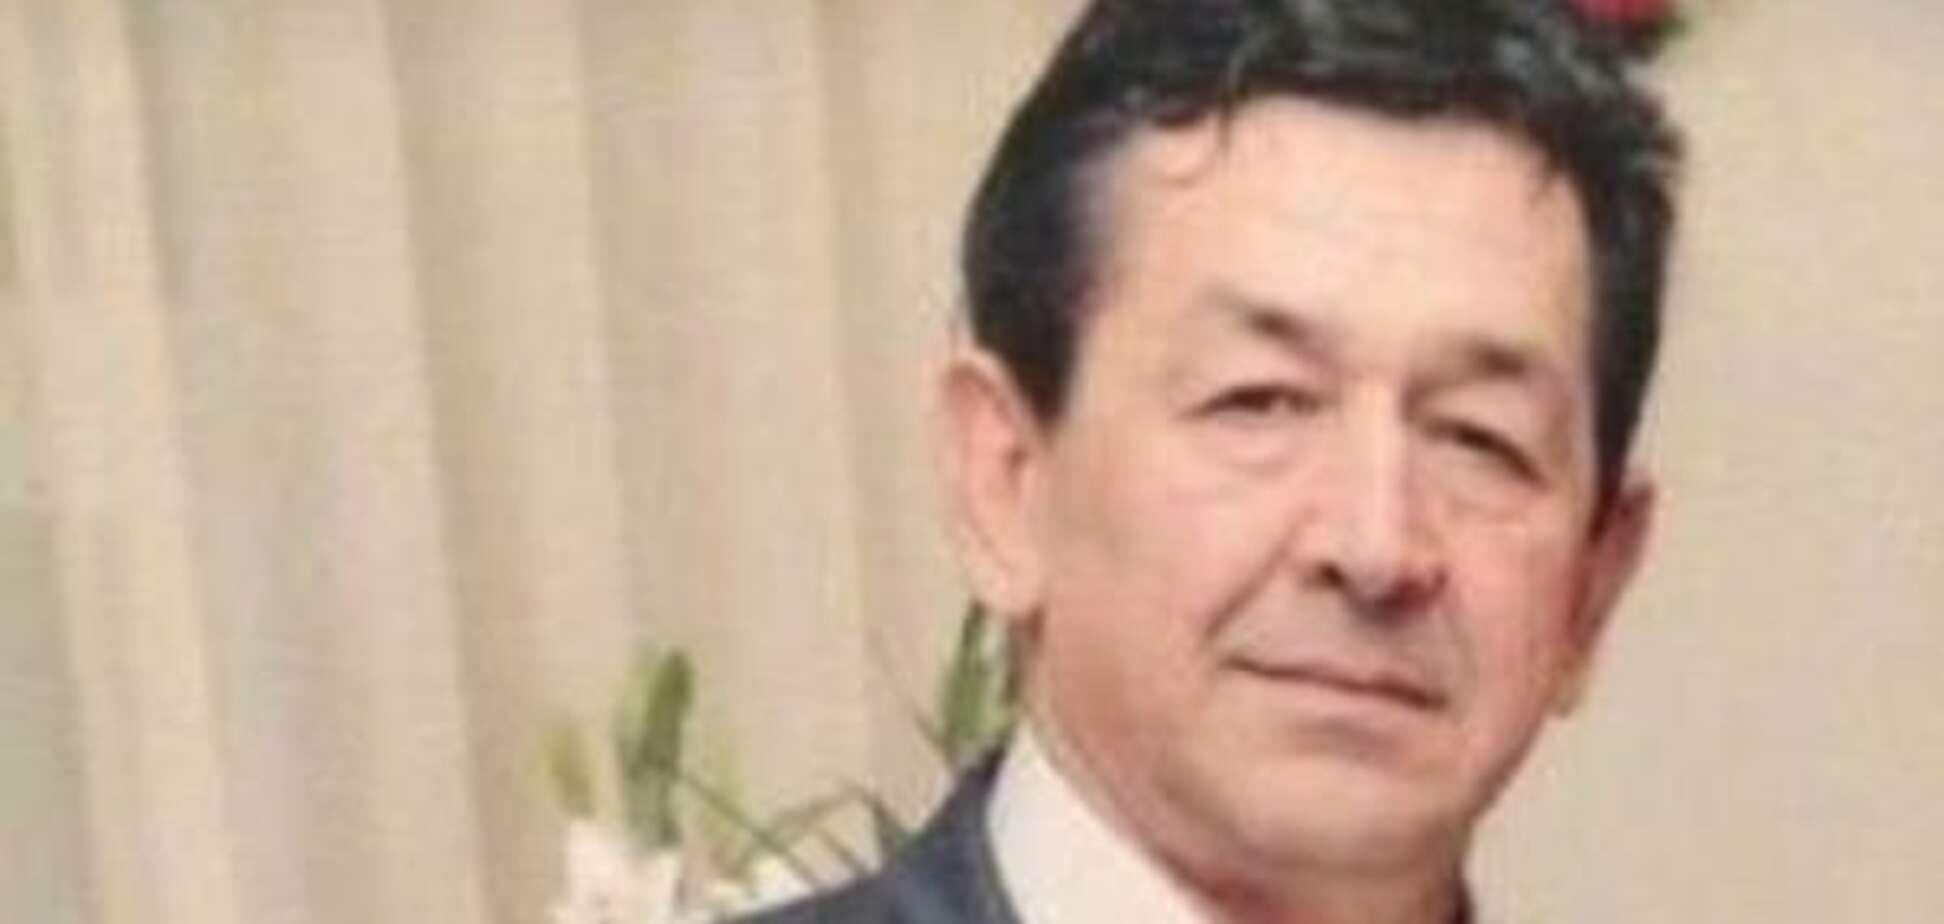 Життя в окупації: в Криму зник безвісти кримський татарин